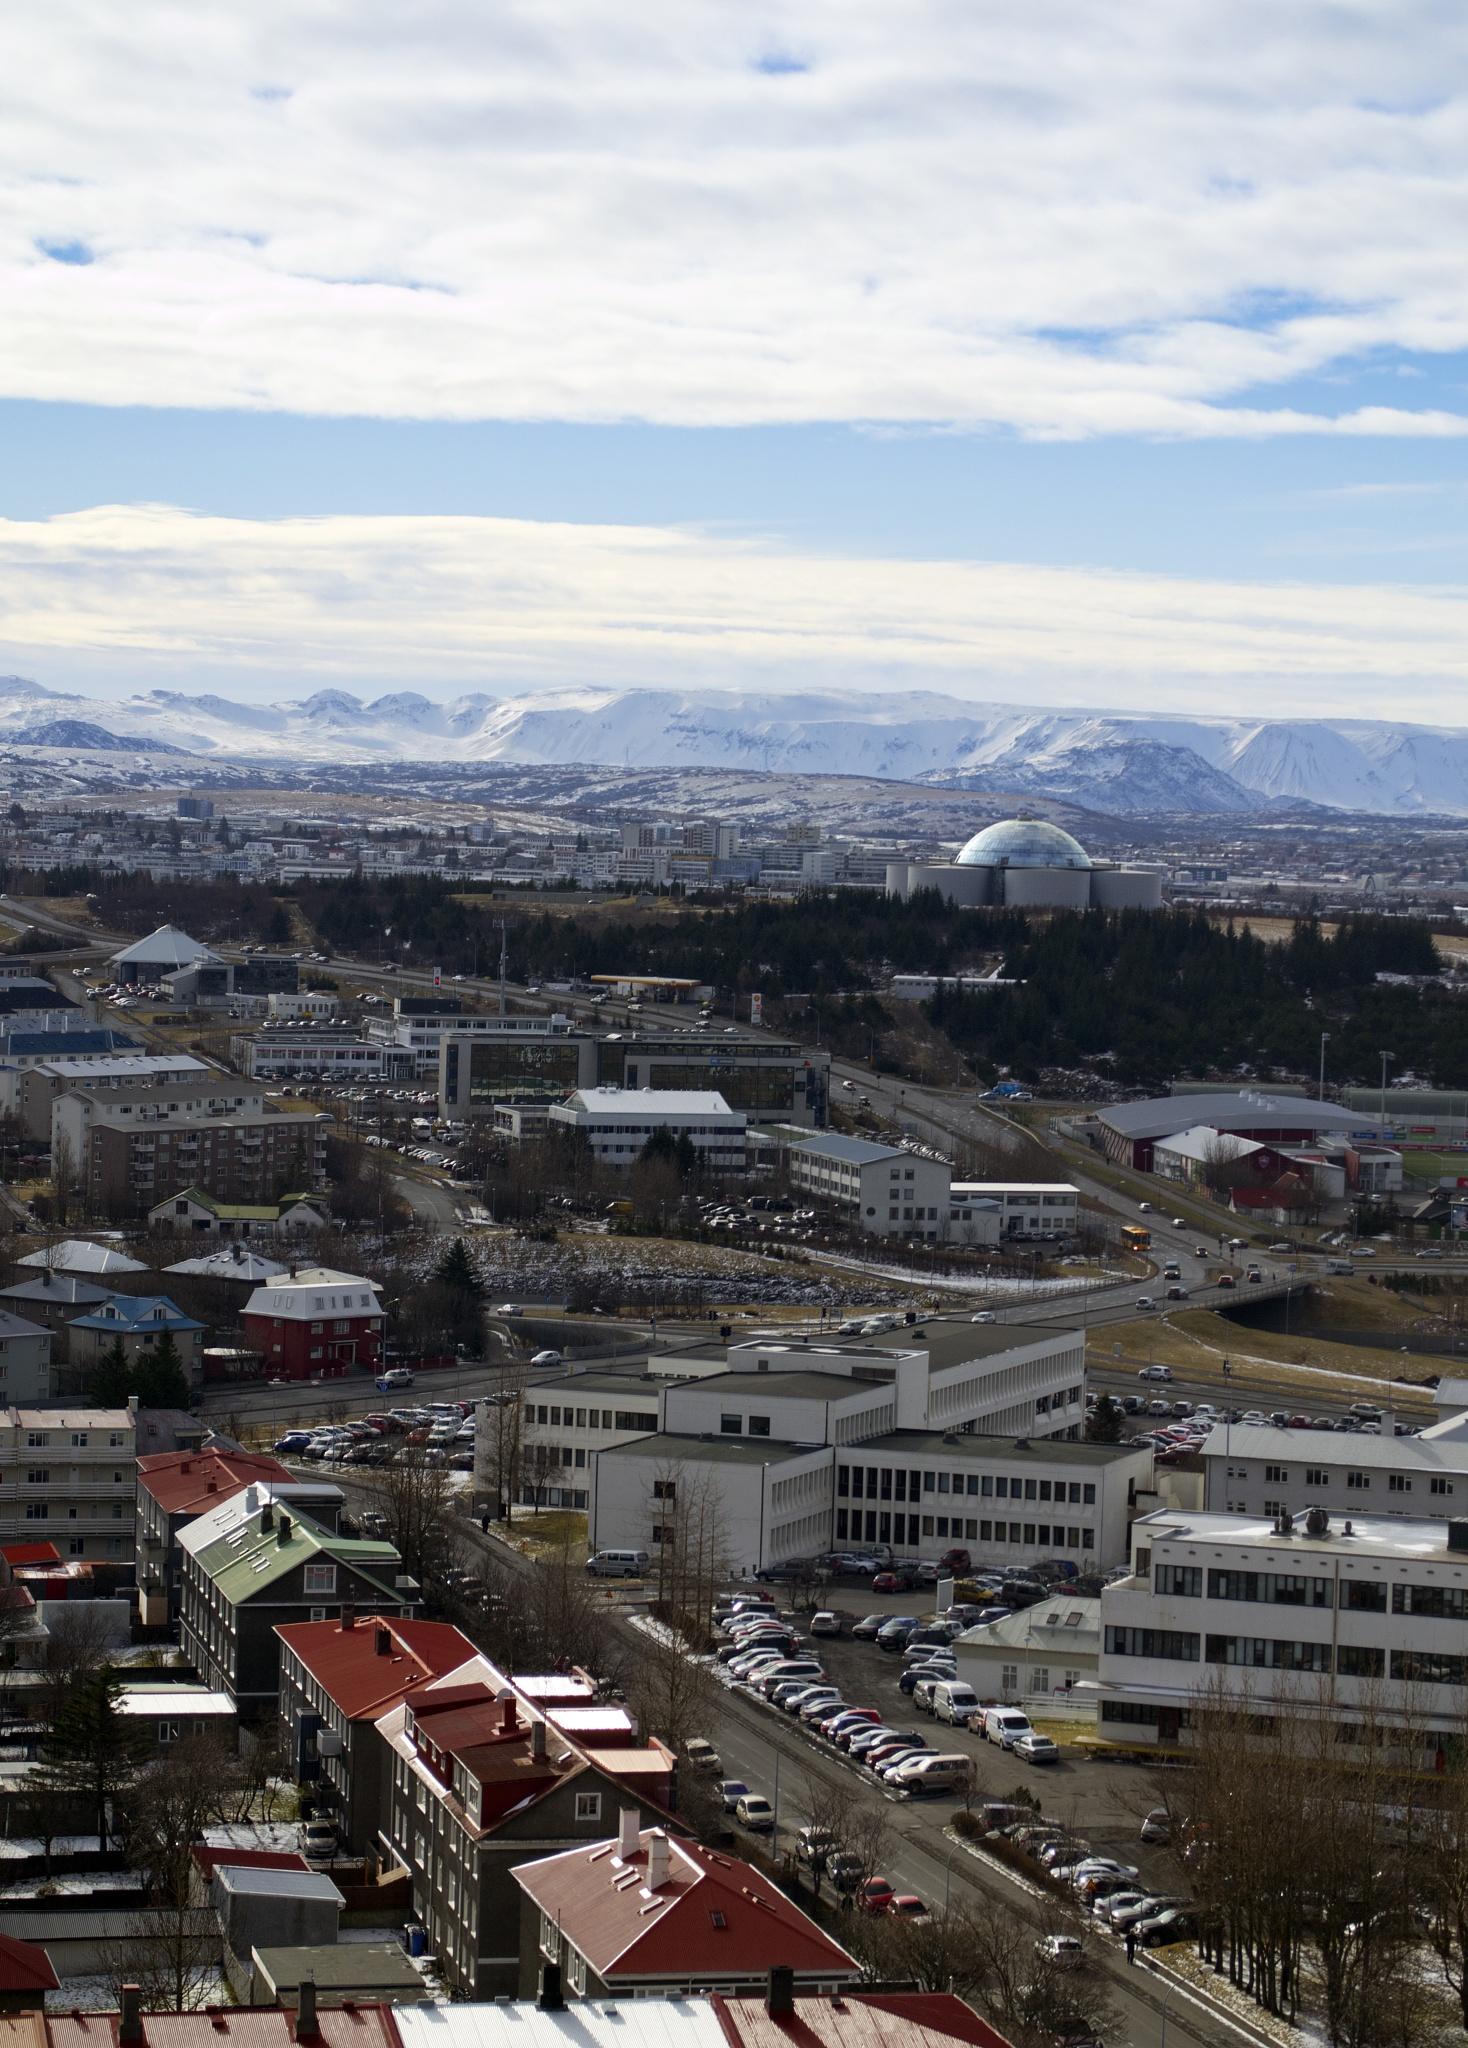 Reykjavík by MarieJirousek